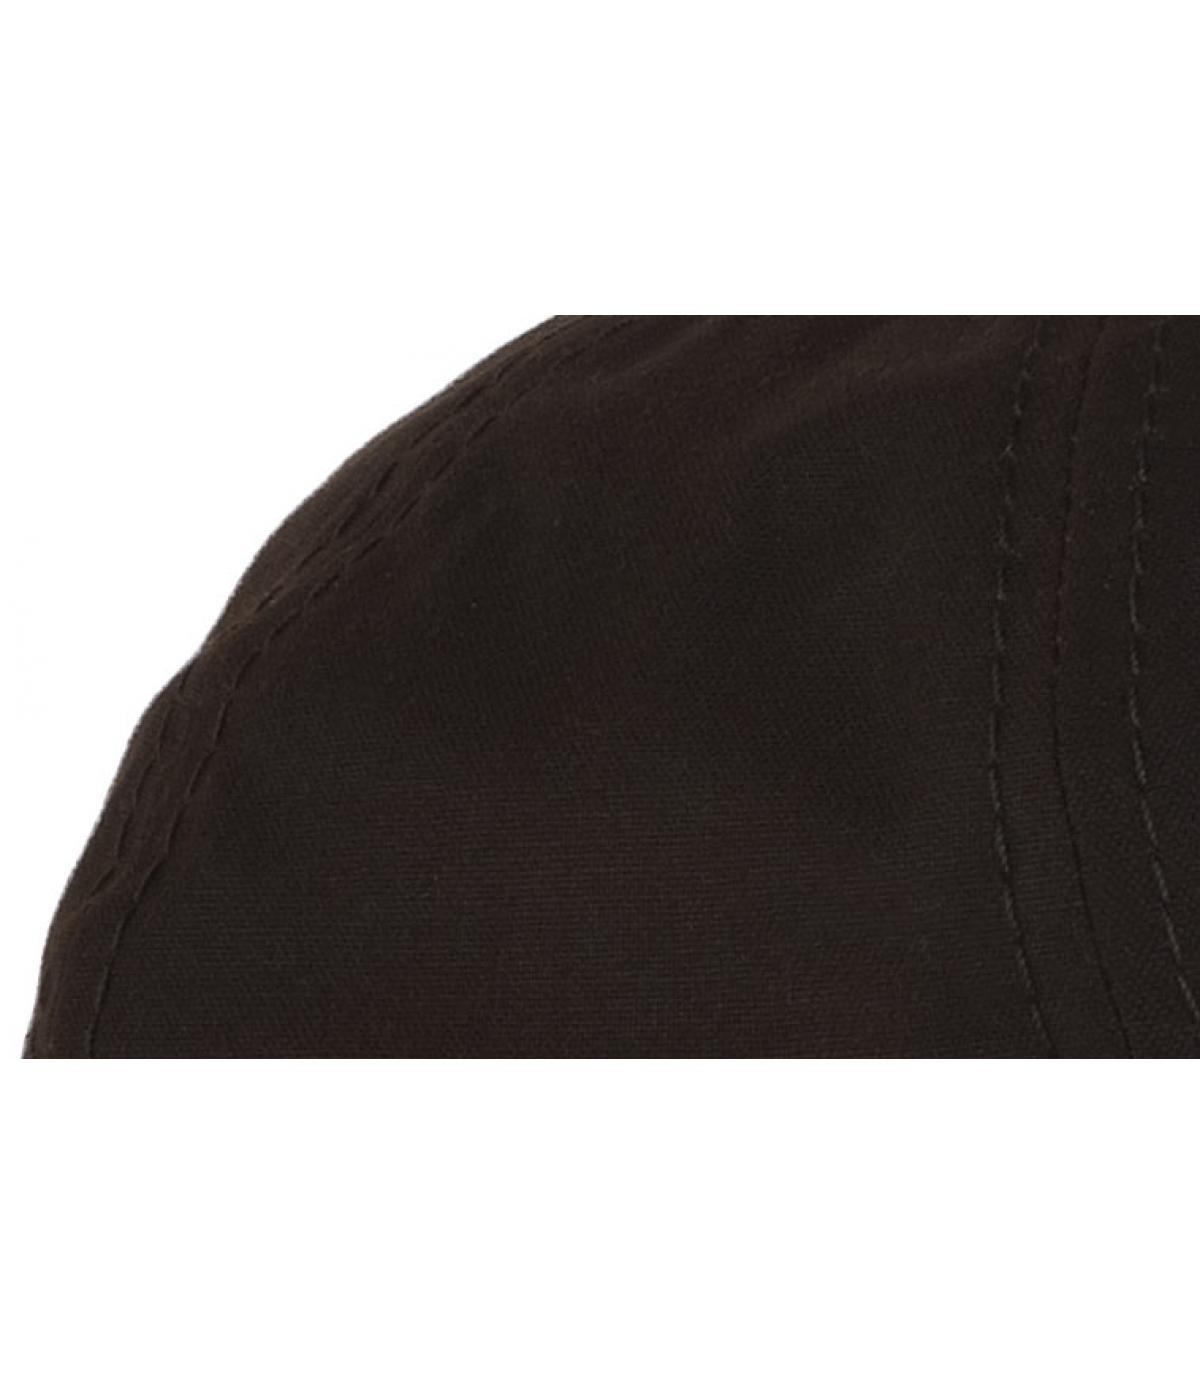 Hatteras coton huilé marron